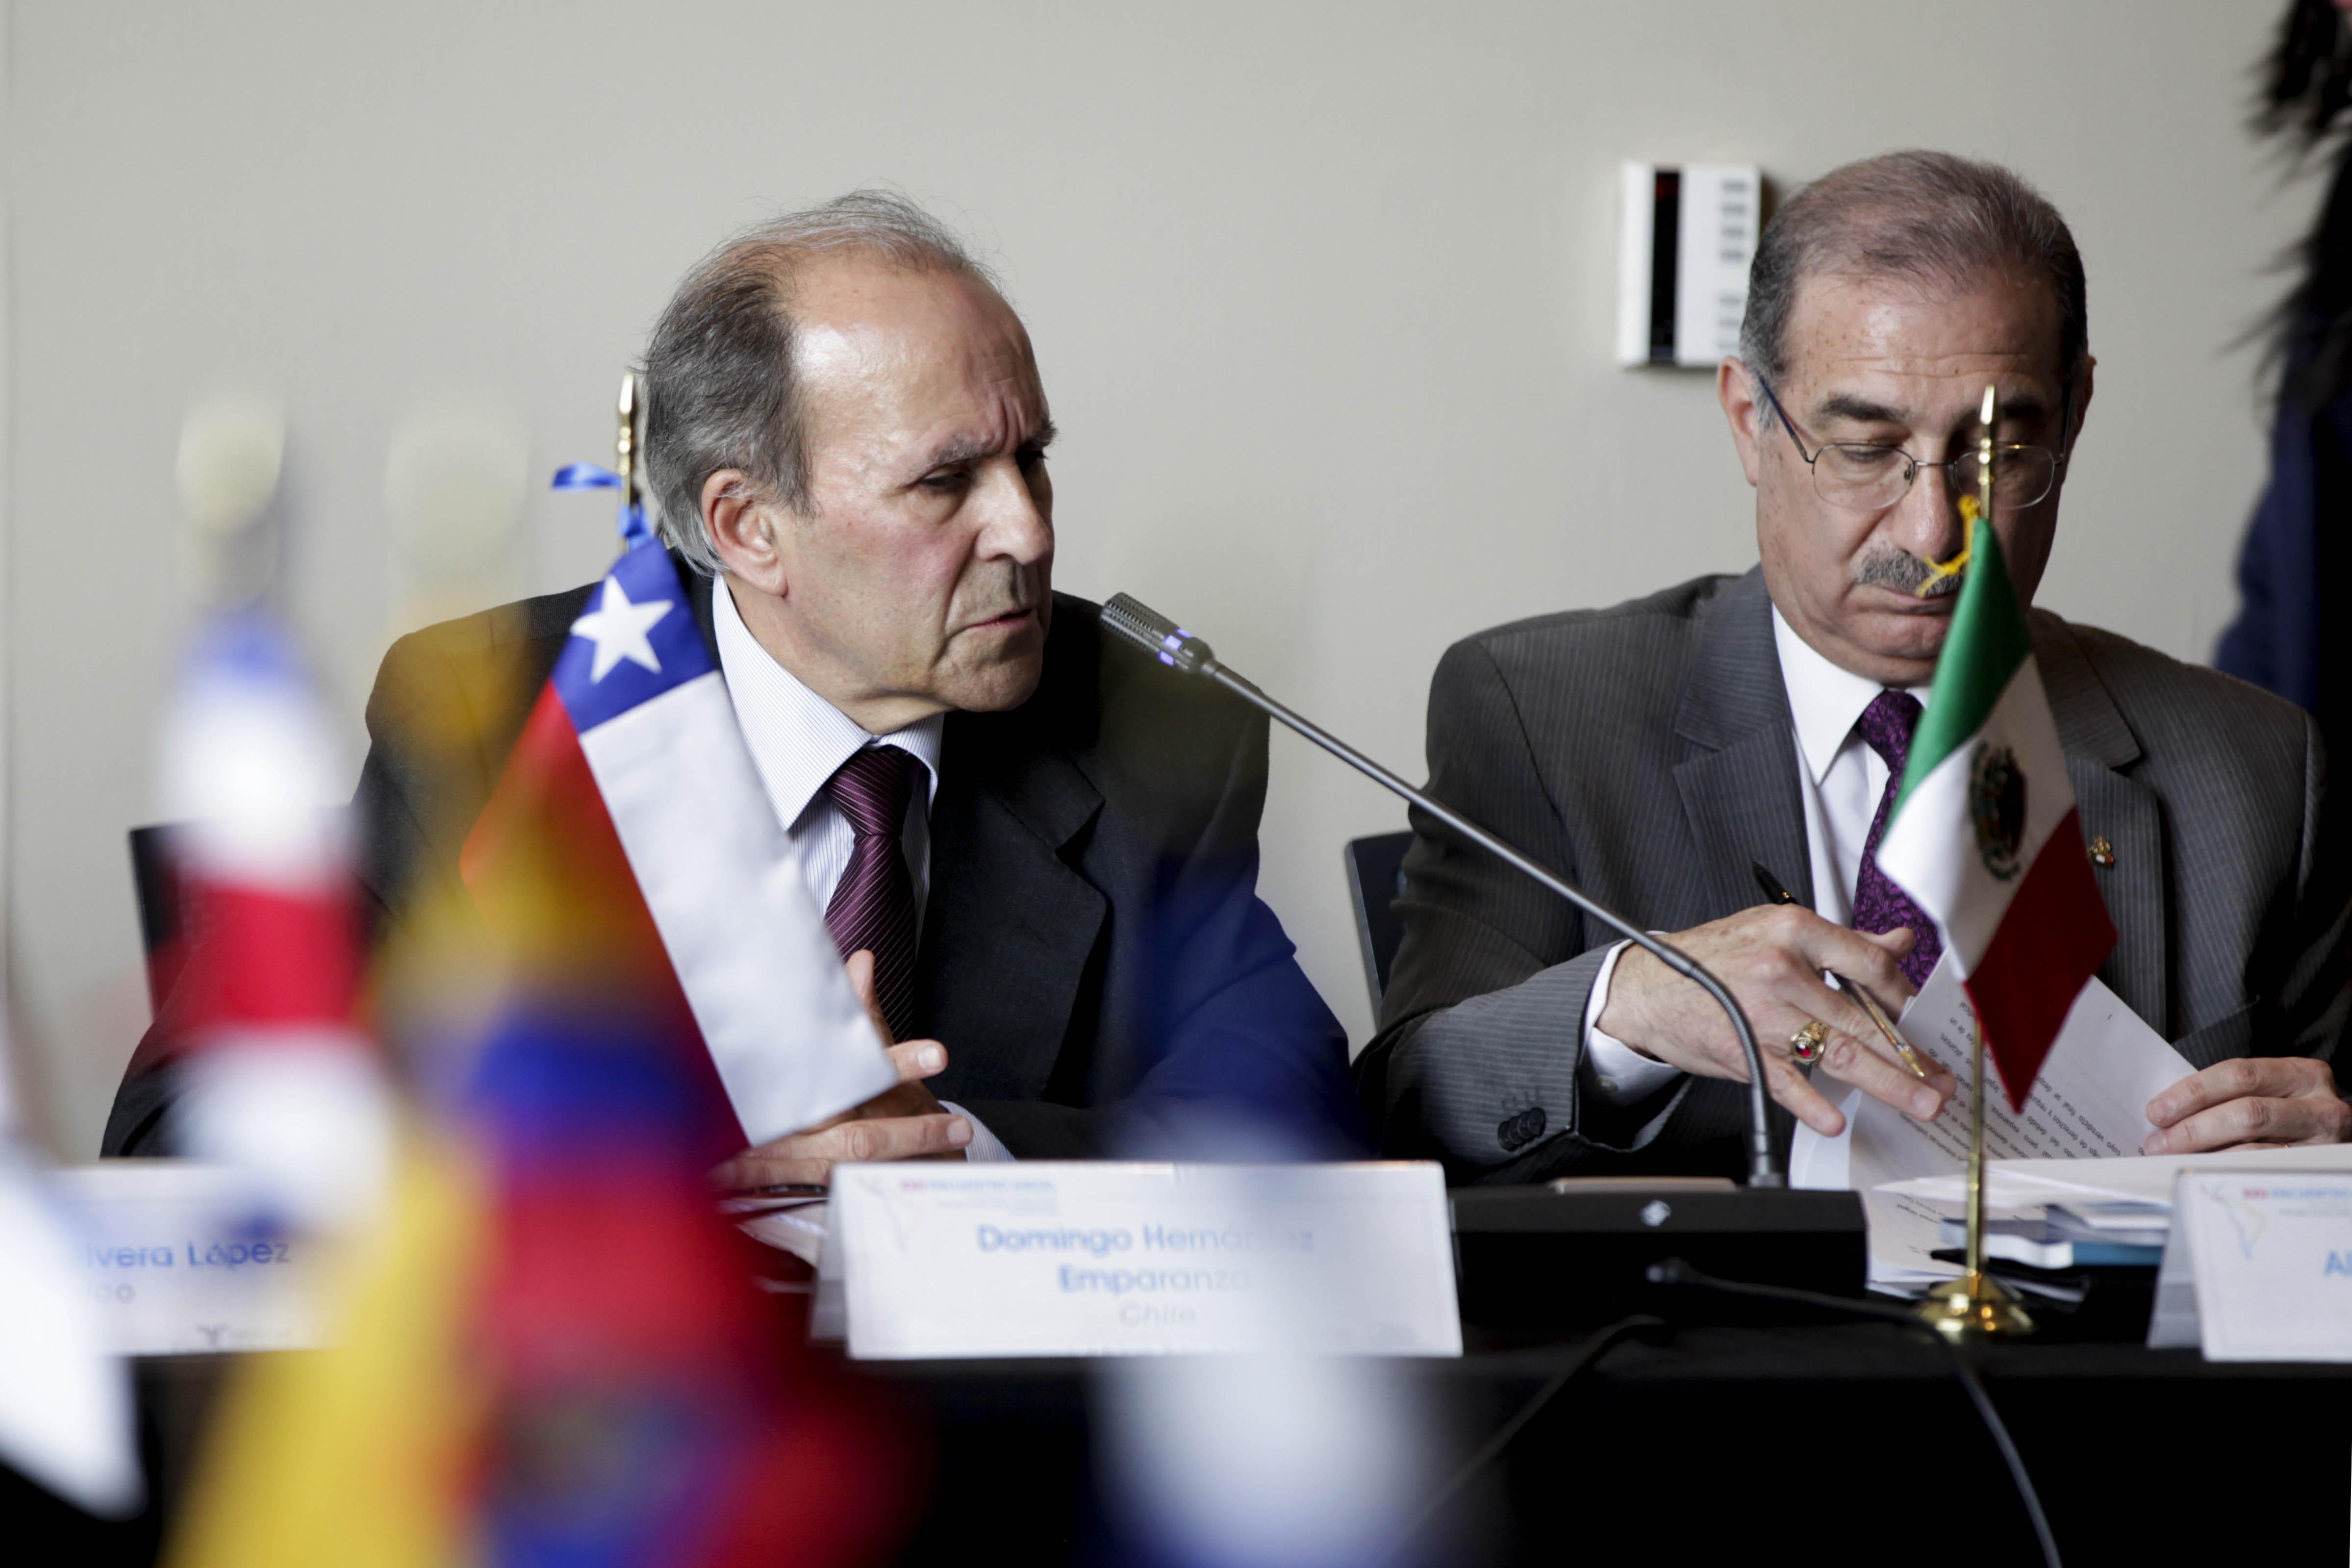 Ministro participa en el XXII Encuentro Anual de Presidentes y Magistrados de Tribunales, Cortes y Salas Constitucionales de América Latina